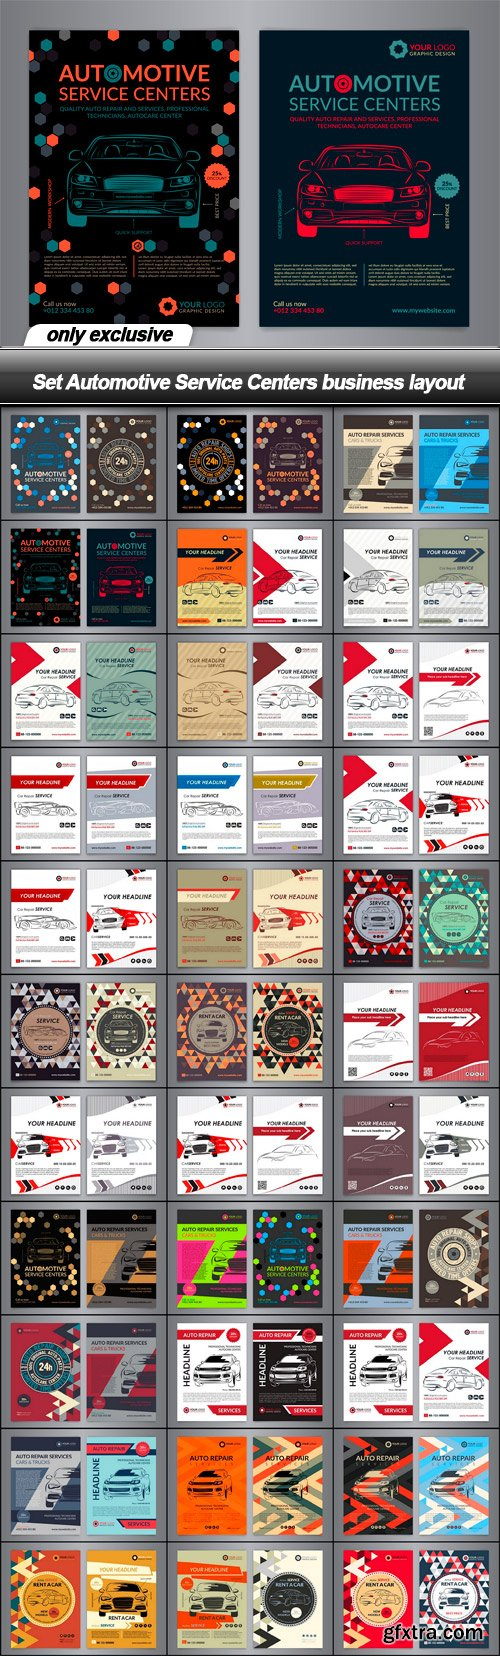 Set Automotive Service Centers business layout - 33 EPS